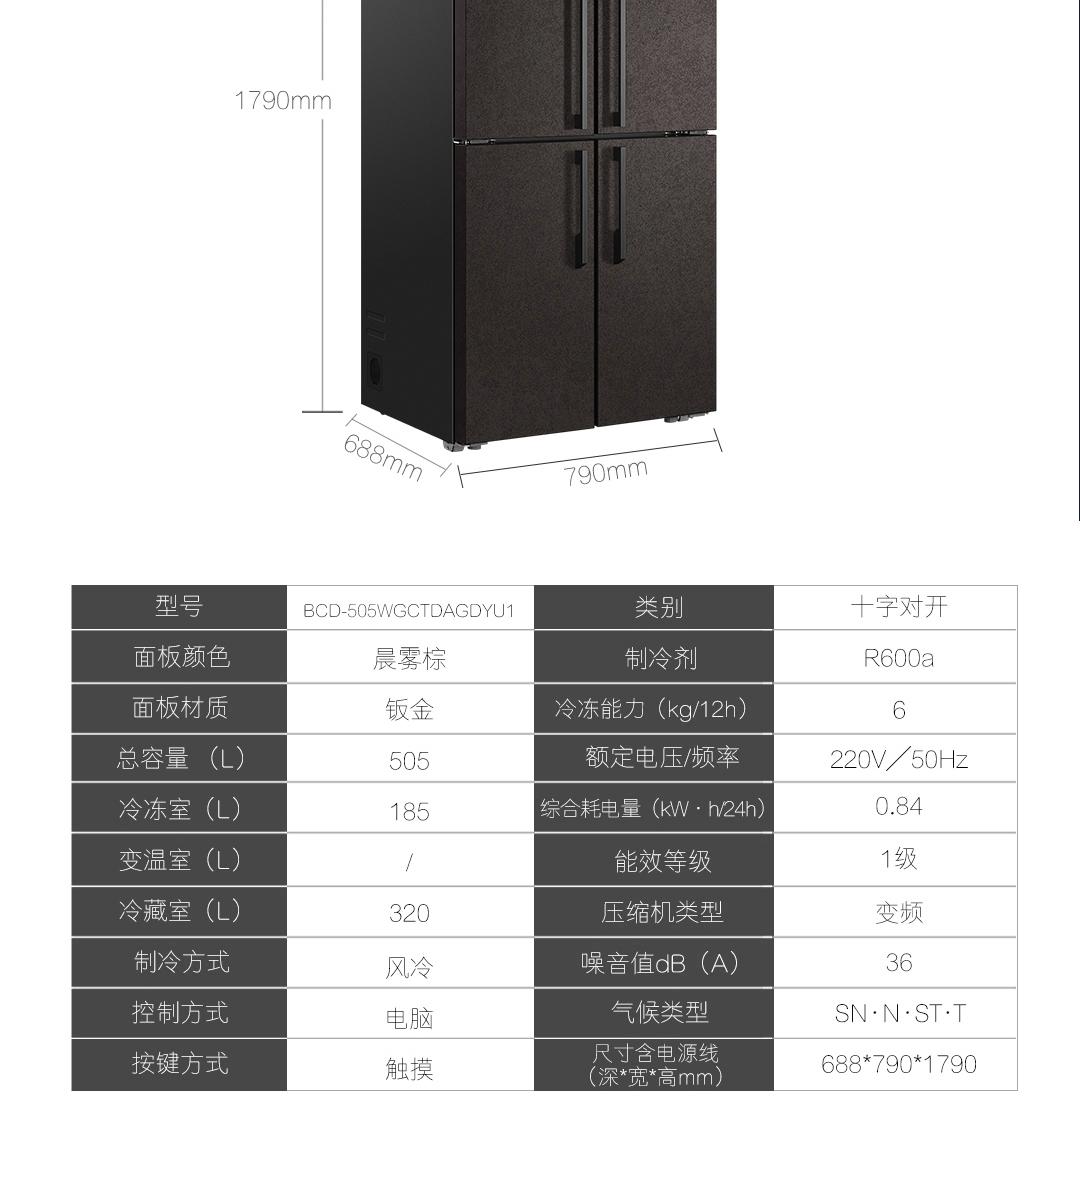 38097-卡萨帝(Casarte)原石系列 505升 一级变频  十字对开门冰箱 神鲜盒 除菌净味 晨雾棕 BCD-505WGCTDAGDYU1-详情图